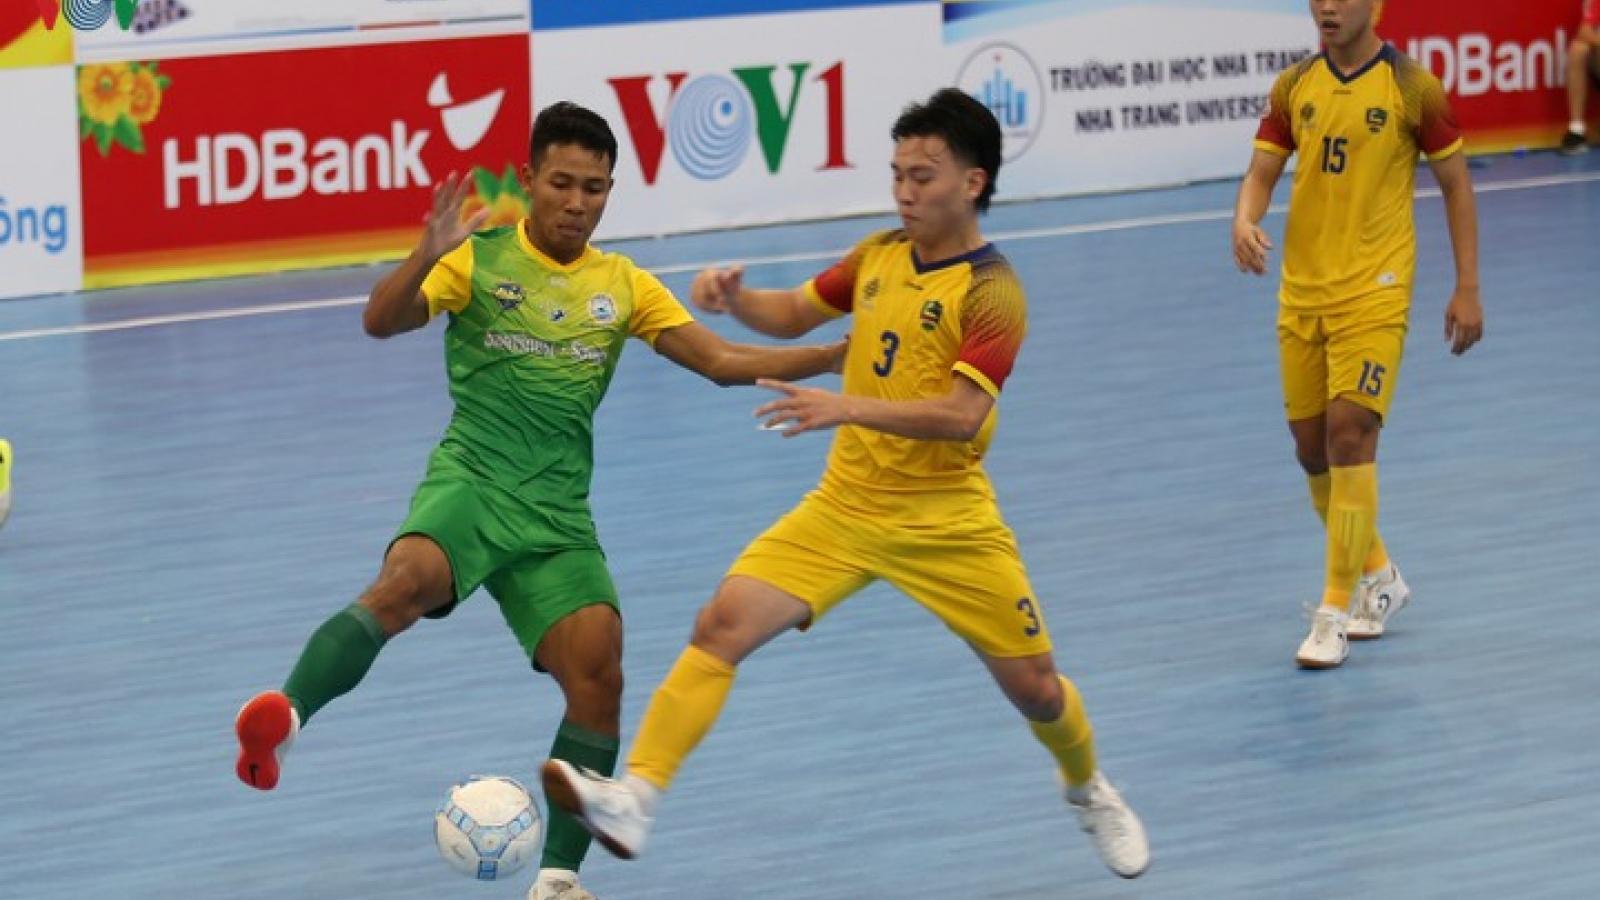 Xem trực tiếp Futsal HDBank VĐQG 2020: Quảng Nam - Sanatech Khánh Hòa